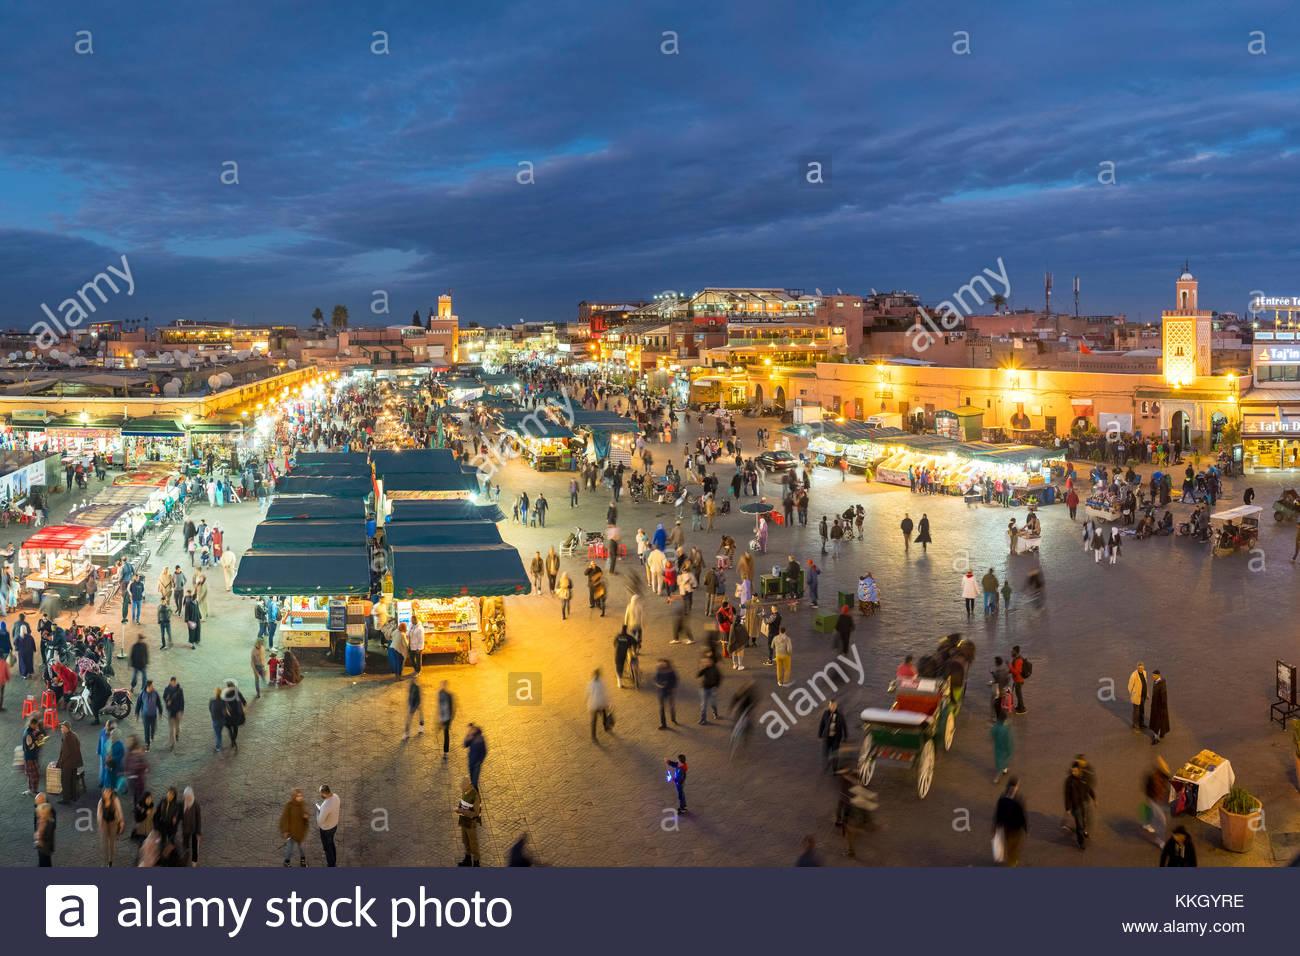 Il Marocco, Marrakech-Safi (Marrakesh-Tensift-El Haouz) regione, Marrakech. Jamaa El-Fná square al crepuscolo. Immagini Stock